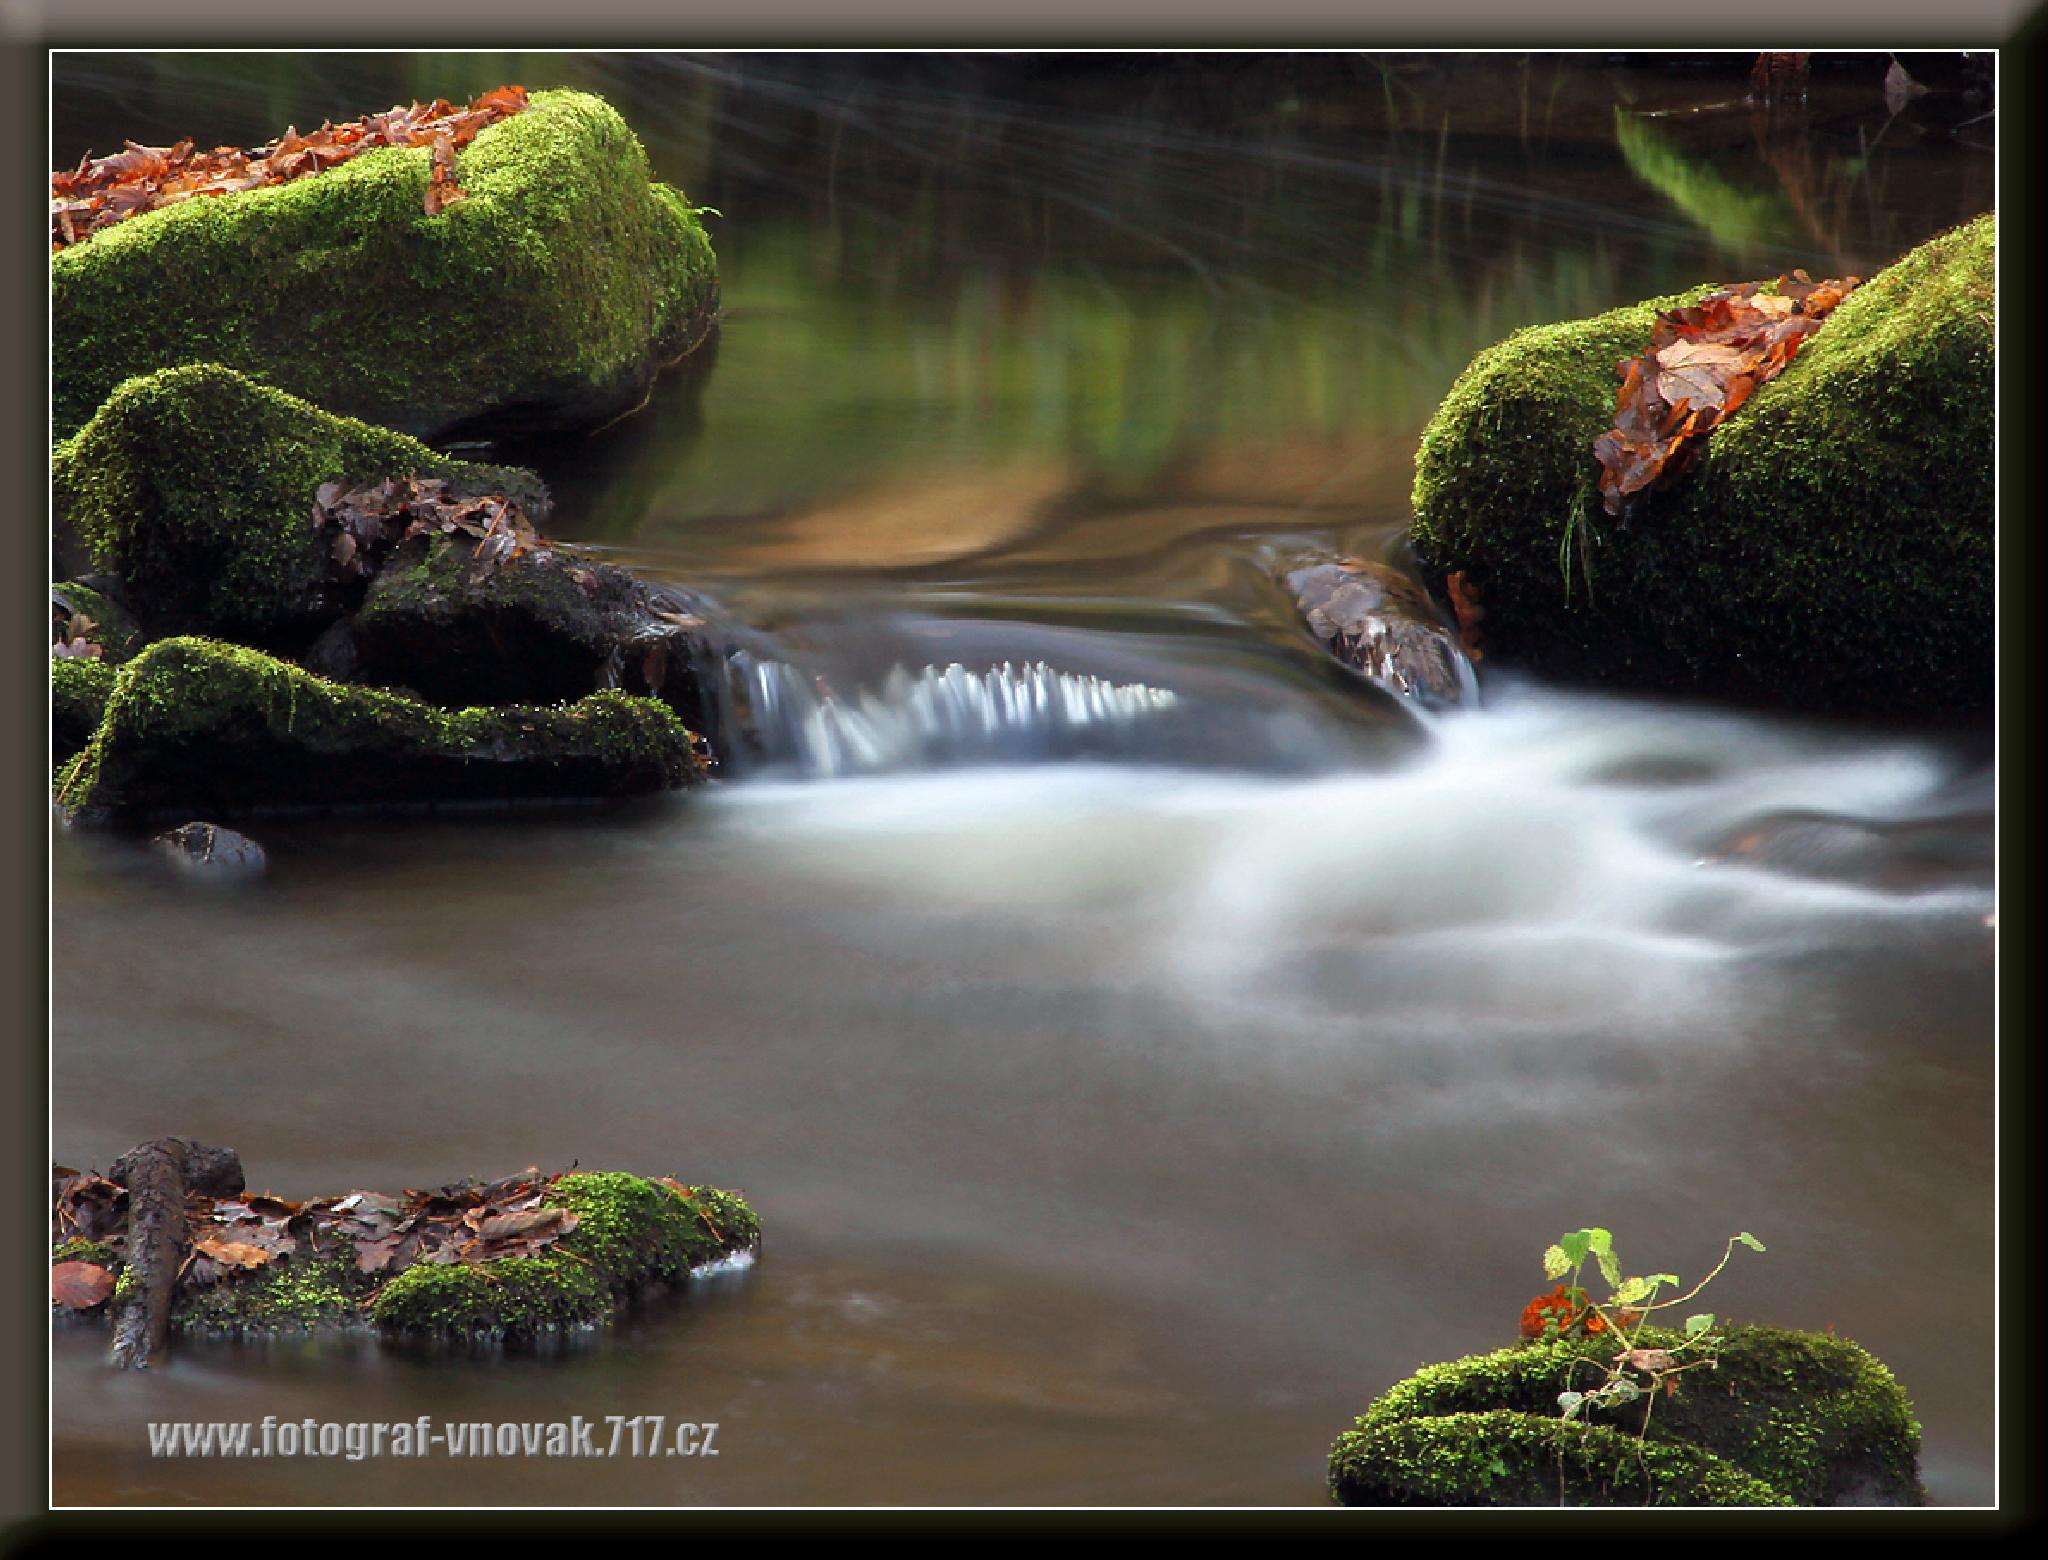 River Stropnice 2 by Vladimír Novák